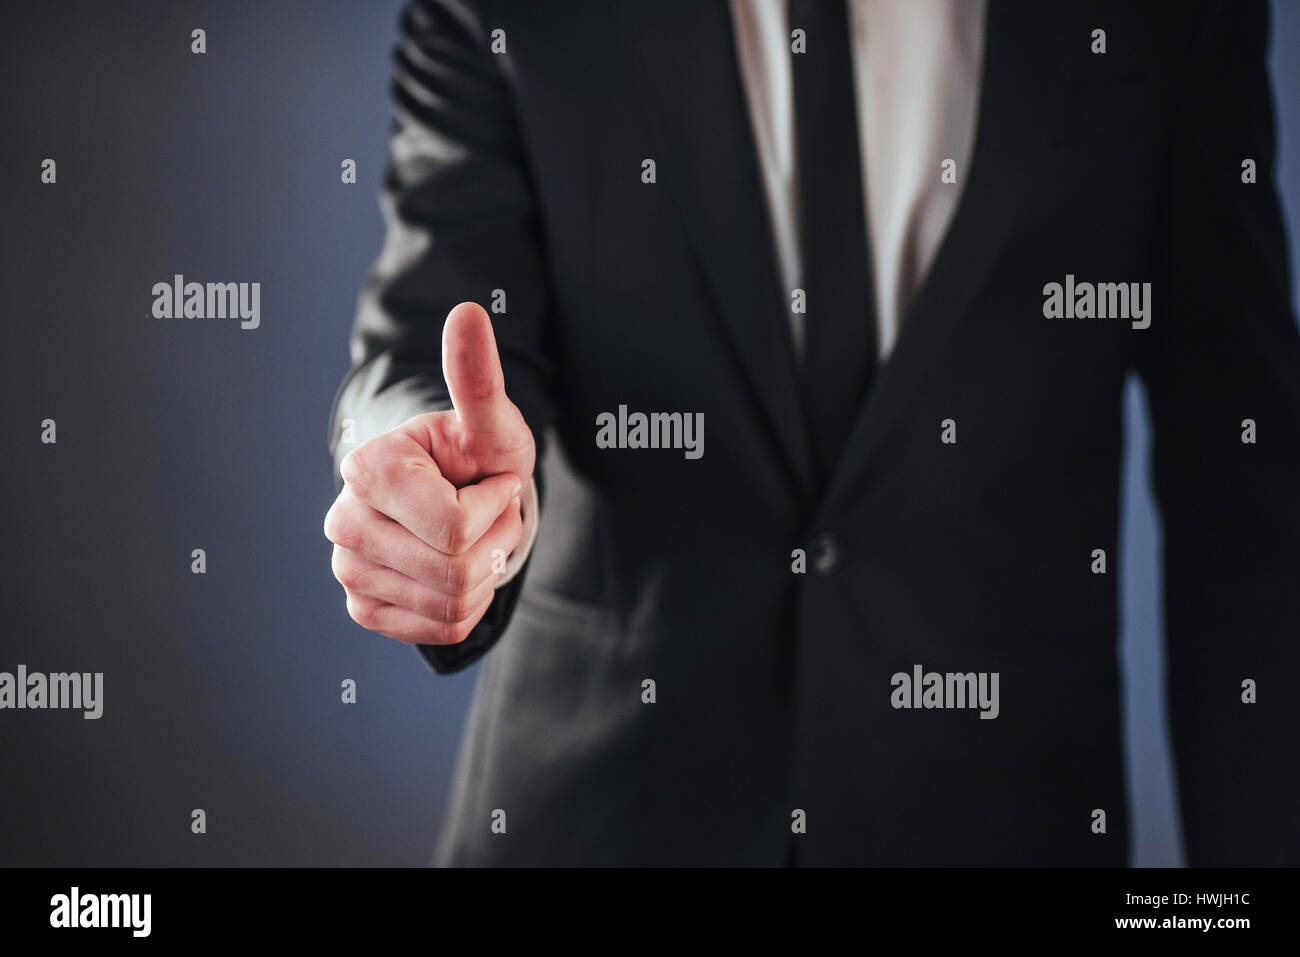 Ein Mann mit biometrischen Fingerabdruck-Lesegerät vorbei Stockfoto